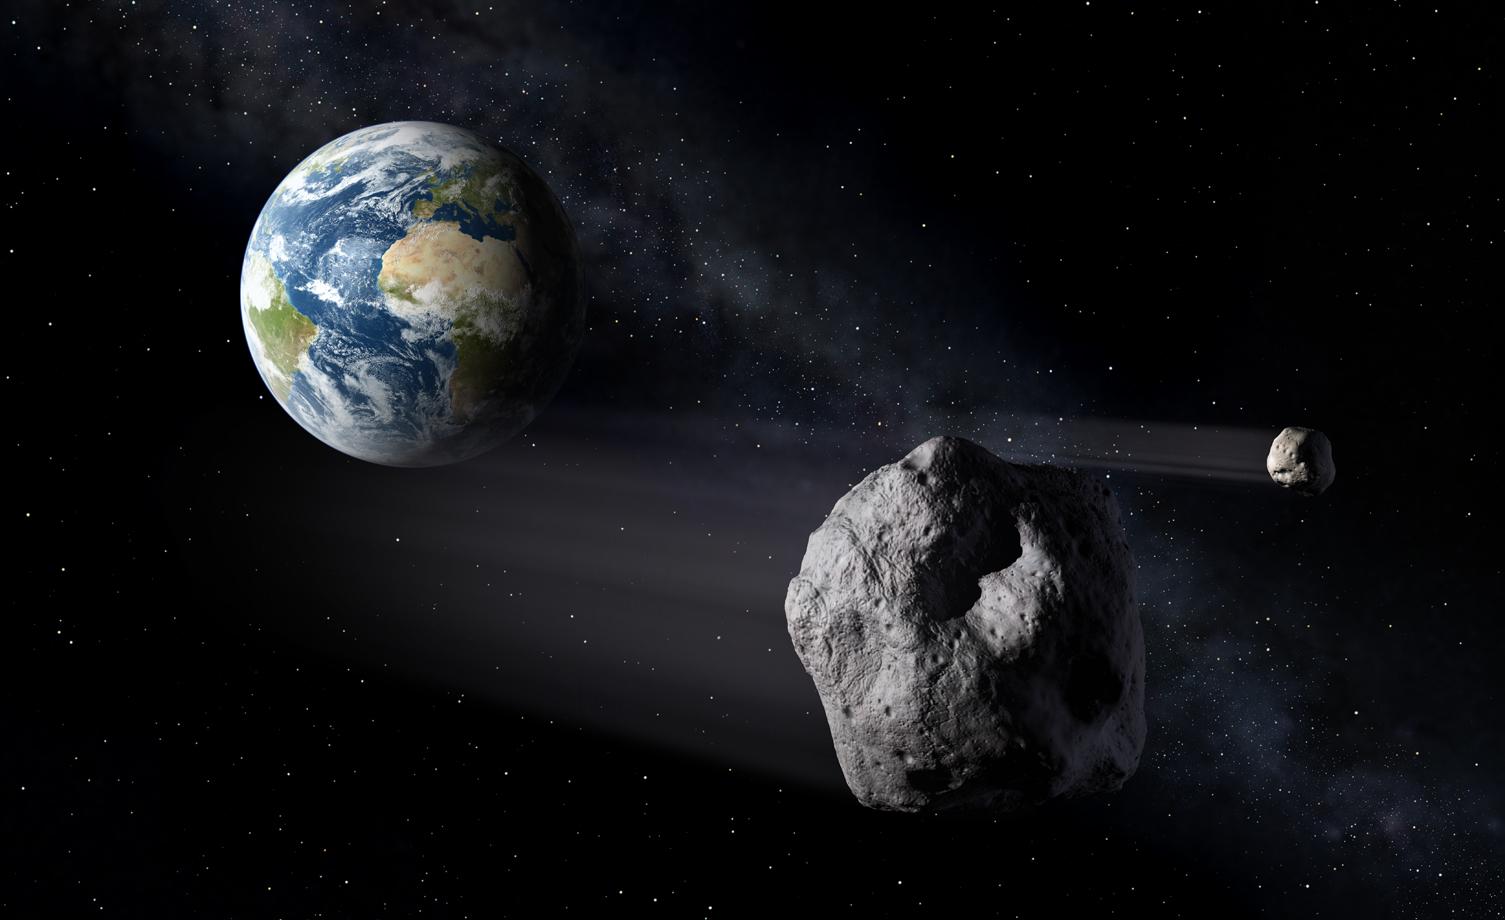 Asteroider som går nær jorda, såkalte Near Earth Objects (NEO). Illustrasjon: ESA